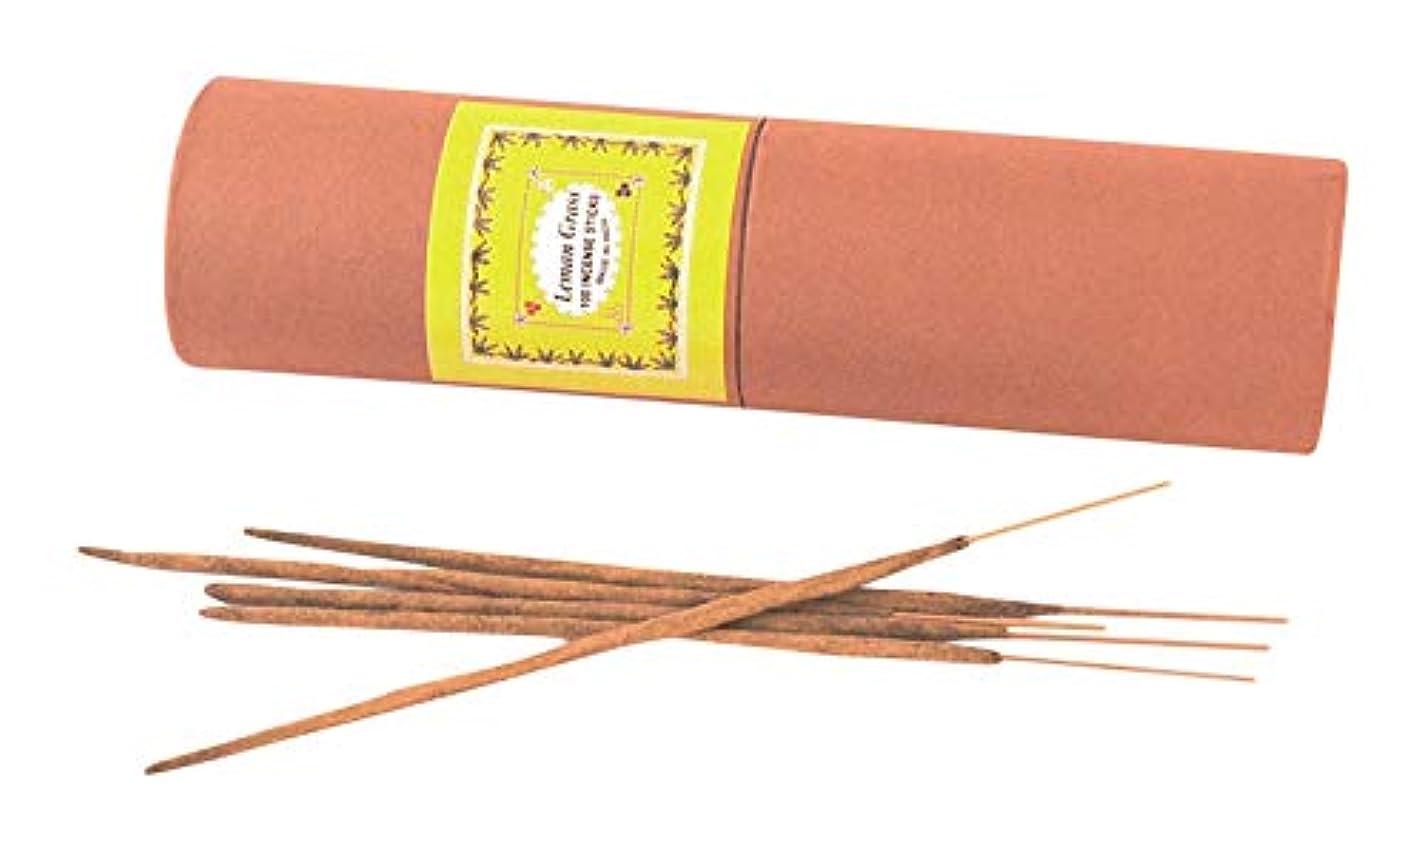 ガードオペラ賞My Earth Store Lemon Grass Hand Made Incense Stick (4 cm x 4 cm x 24 cm, Green)